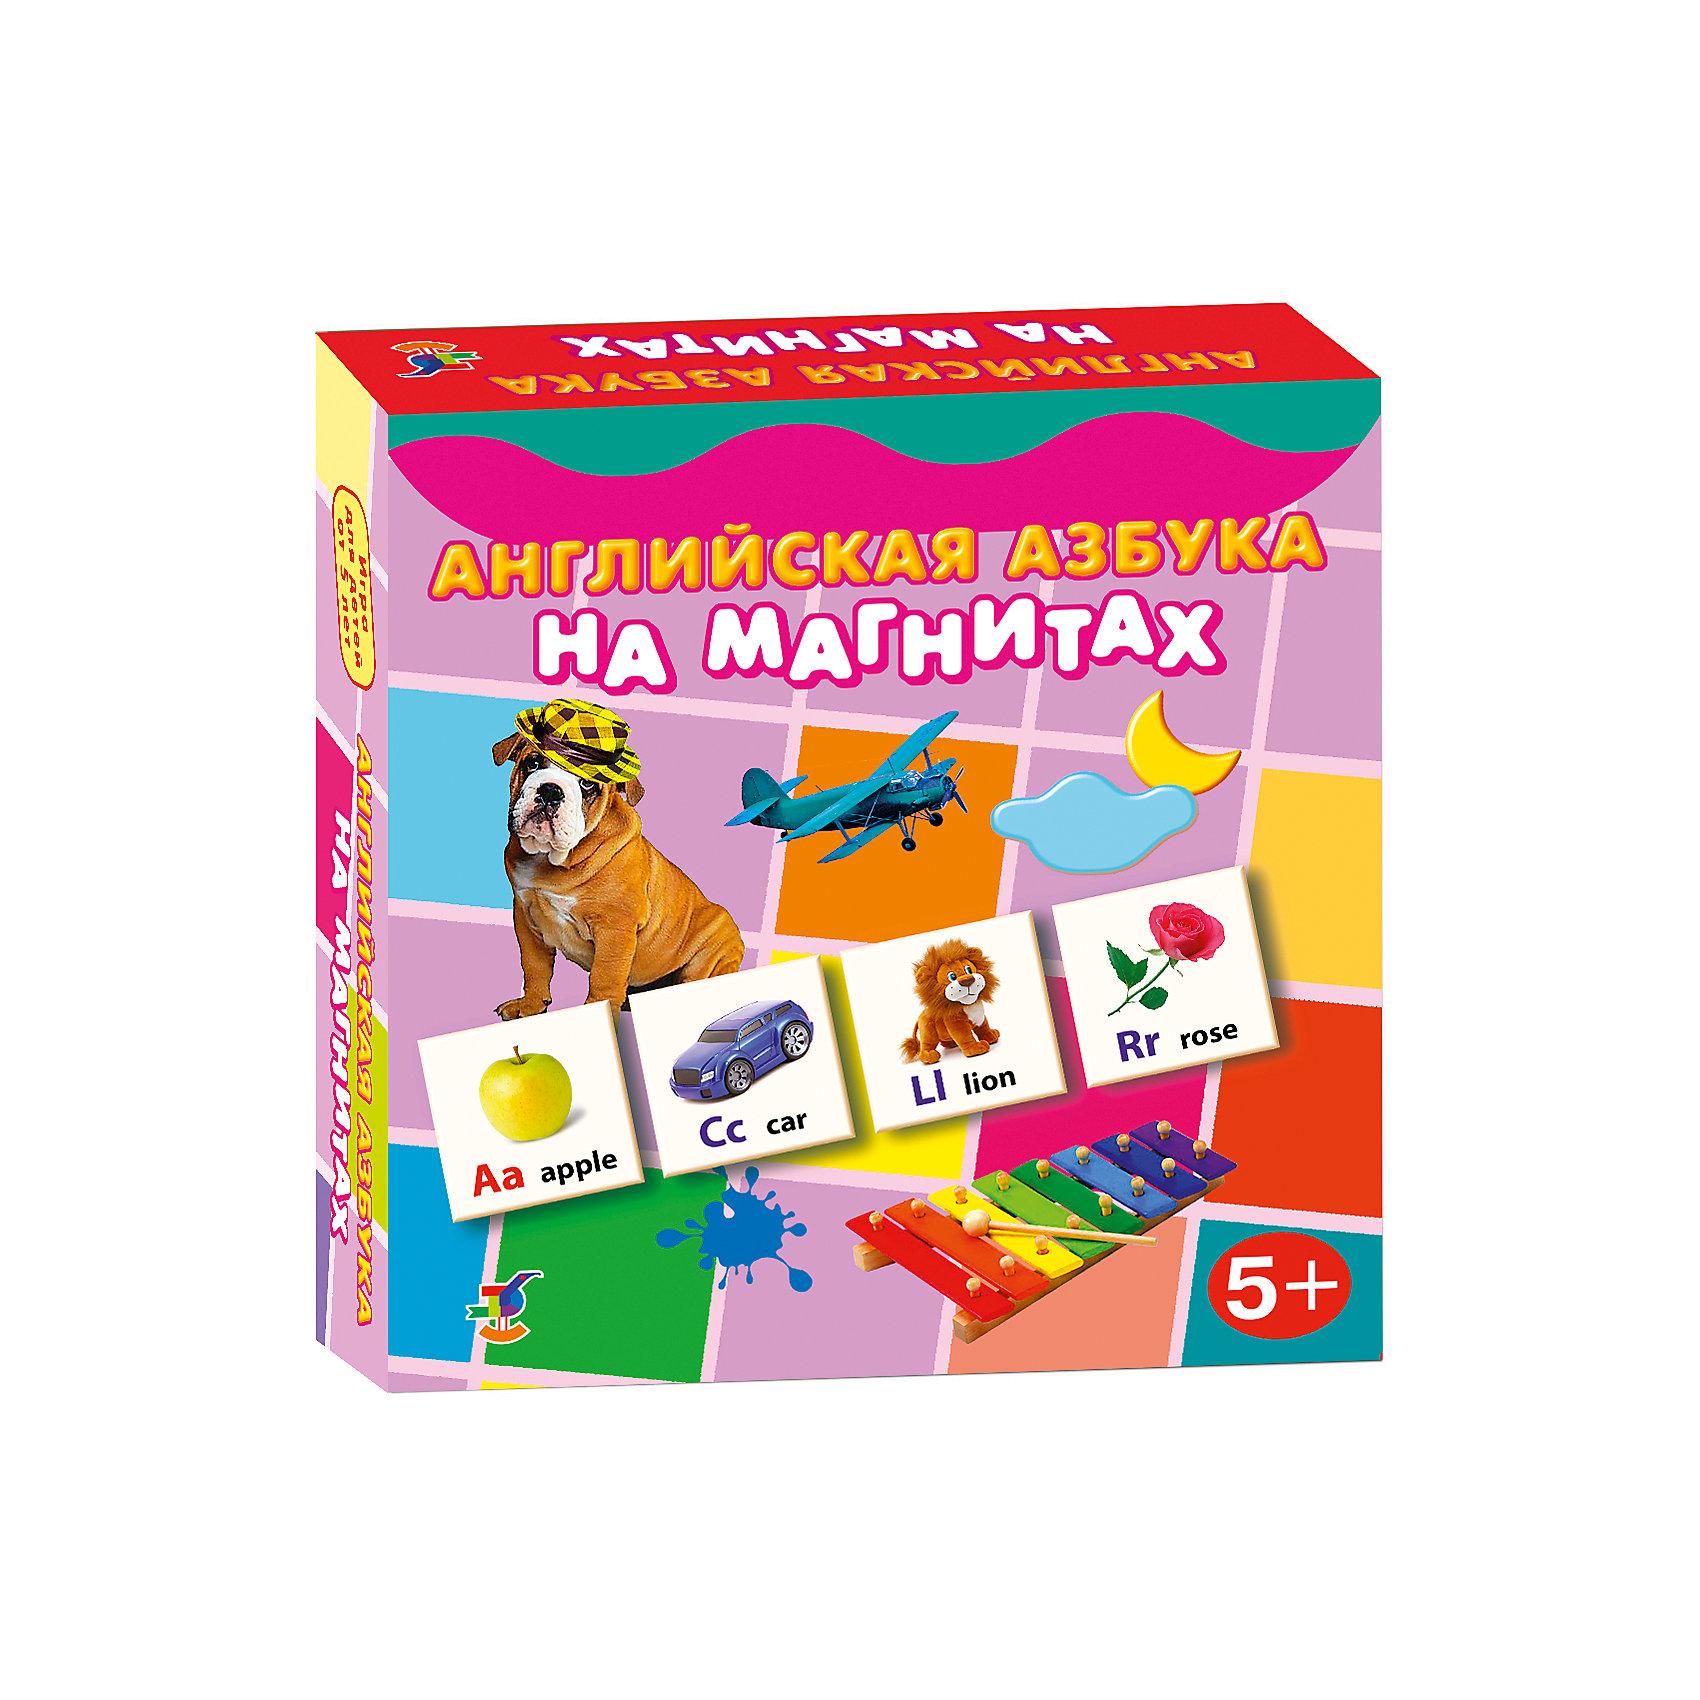 Английская азбука на магнитах, Дрофа-МедиаКарточные игры<br>Характеристики английской азбуки на магнитах:<br><br>- возраст: от 5 лет<br>- пол: для мальчиков и девочек<br>- комплект: 96 карточек, словарь.<br>- материал: картон, магнит.<br>- размер упаковки: 18 * 18 * 4 см.<br>- упаковка: картонная коробка.<br>- бренд: Дрофа-Медиа<br>- страна обладатель бренда: Россия.<br><br>Яркий набор Английская азбука на магнитах говорит сама за себя. Этот набор в виде карточек, заинтересует ребенка, поможет ему понять основы английского языка. В наборе есть карточки с определенным изображением различных предметов и животных, а также букв. С таким набором, ребенок познакомится со всеми буквами, научится читать, улучшит внимательность и сосредоточенность, а самое главное, что он сможет получить знания об иностранном языке.<br><br>Английскую азбуку на магнитах издательства Дрофа-Медиа можно купить в нашем интернет-магазине.<br><br>Ширина мм: 180<br>Глубина мм: 40<br>Высота мм: 180<br>Вес г: 170<br>Возраст от месяцев: 60<br>Возраст до месяцев: 2147483647<br>Пол: Унисекс<br>Возраст: Детский<br>SKU: 5386279